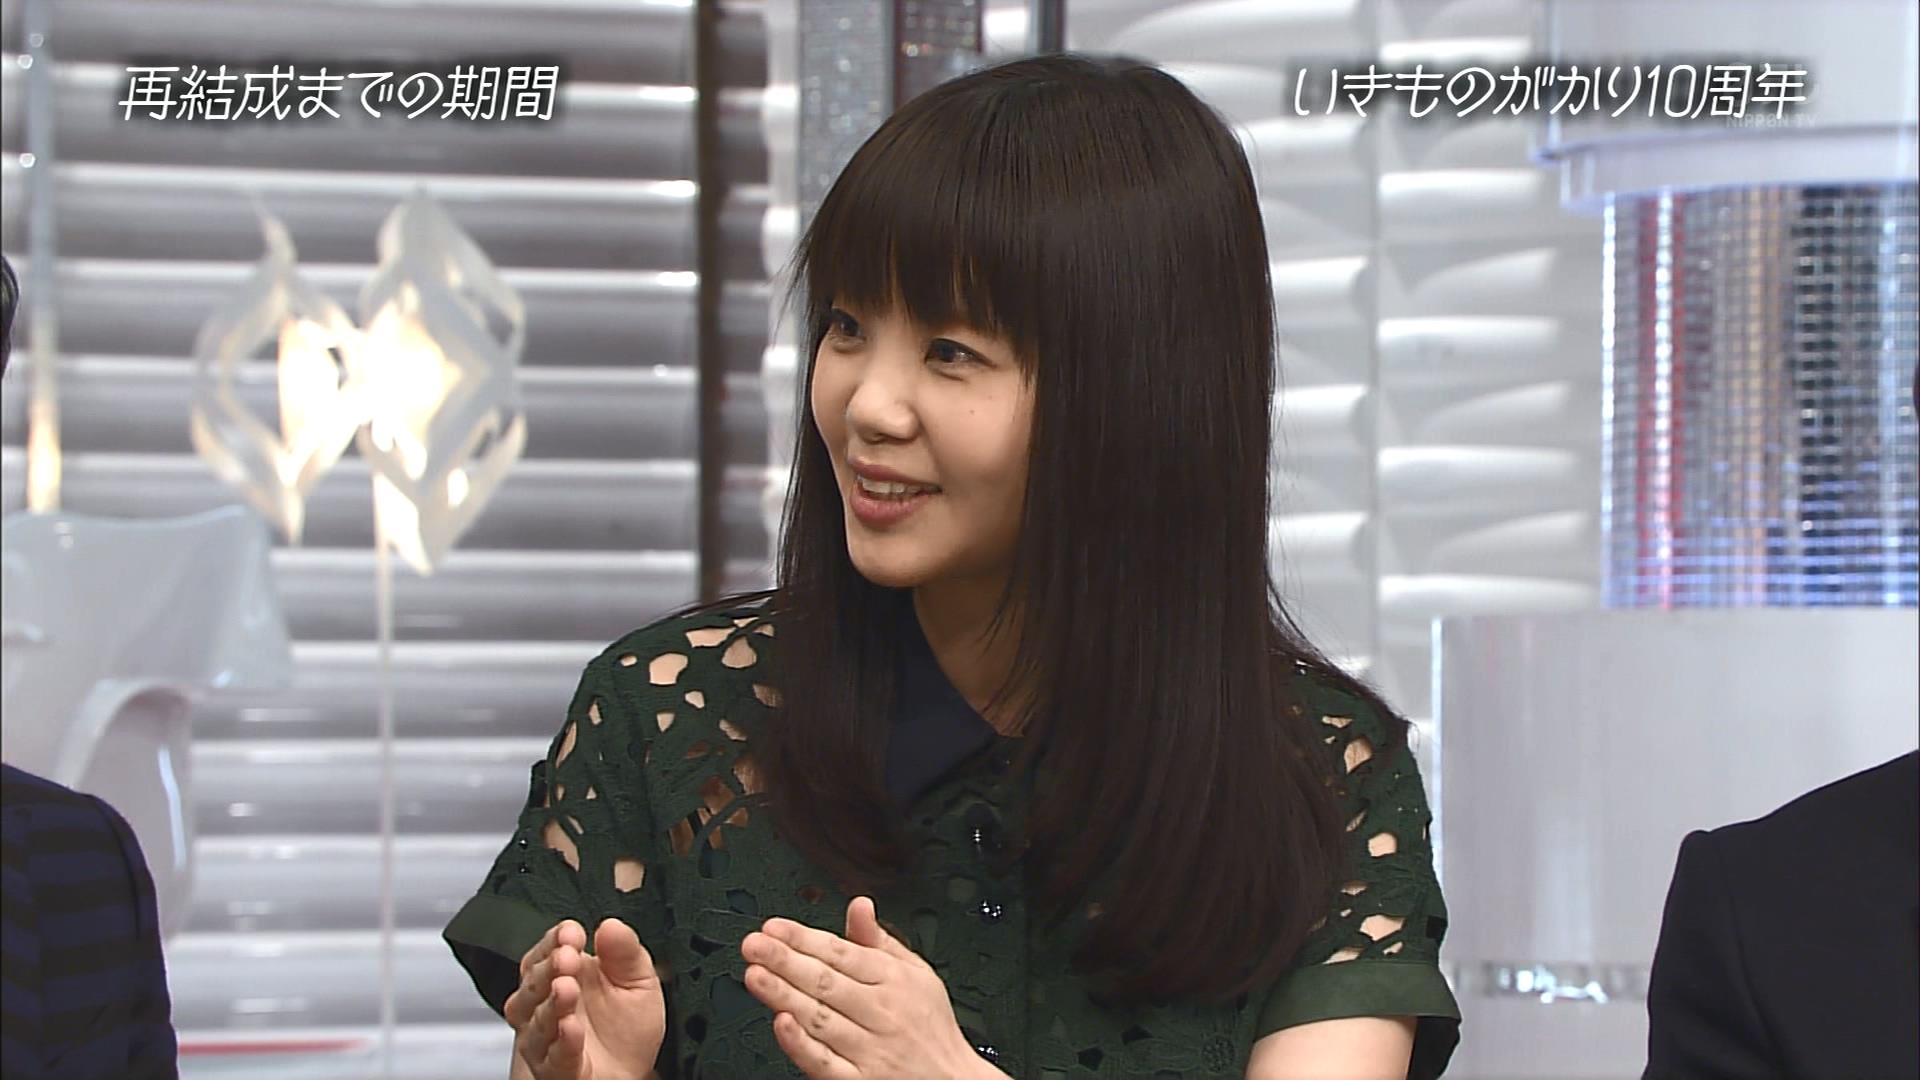 2016.03.13 全場(おしゃれイズム).ts_20160313_224339.195